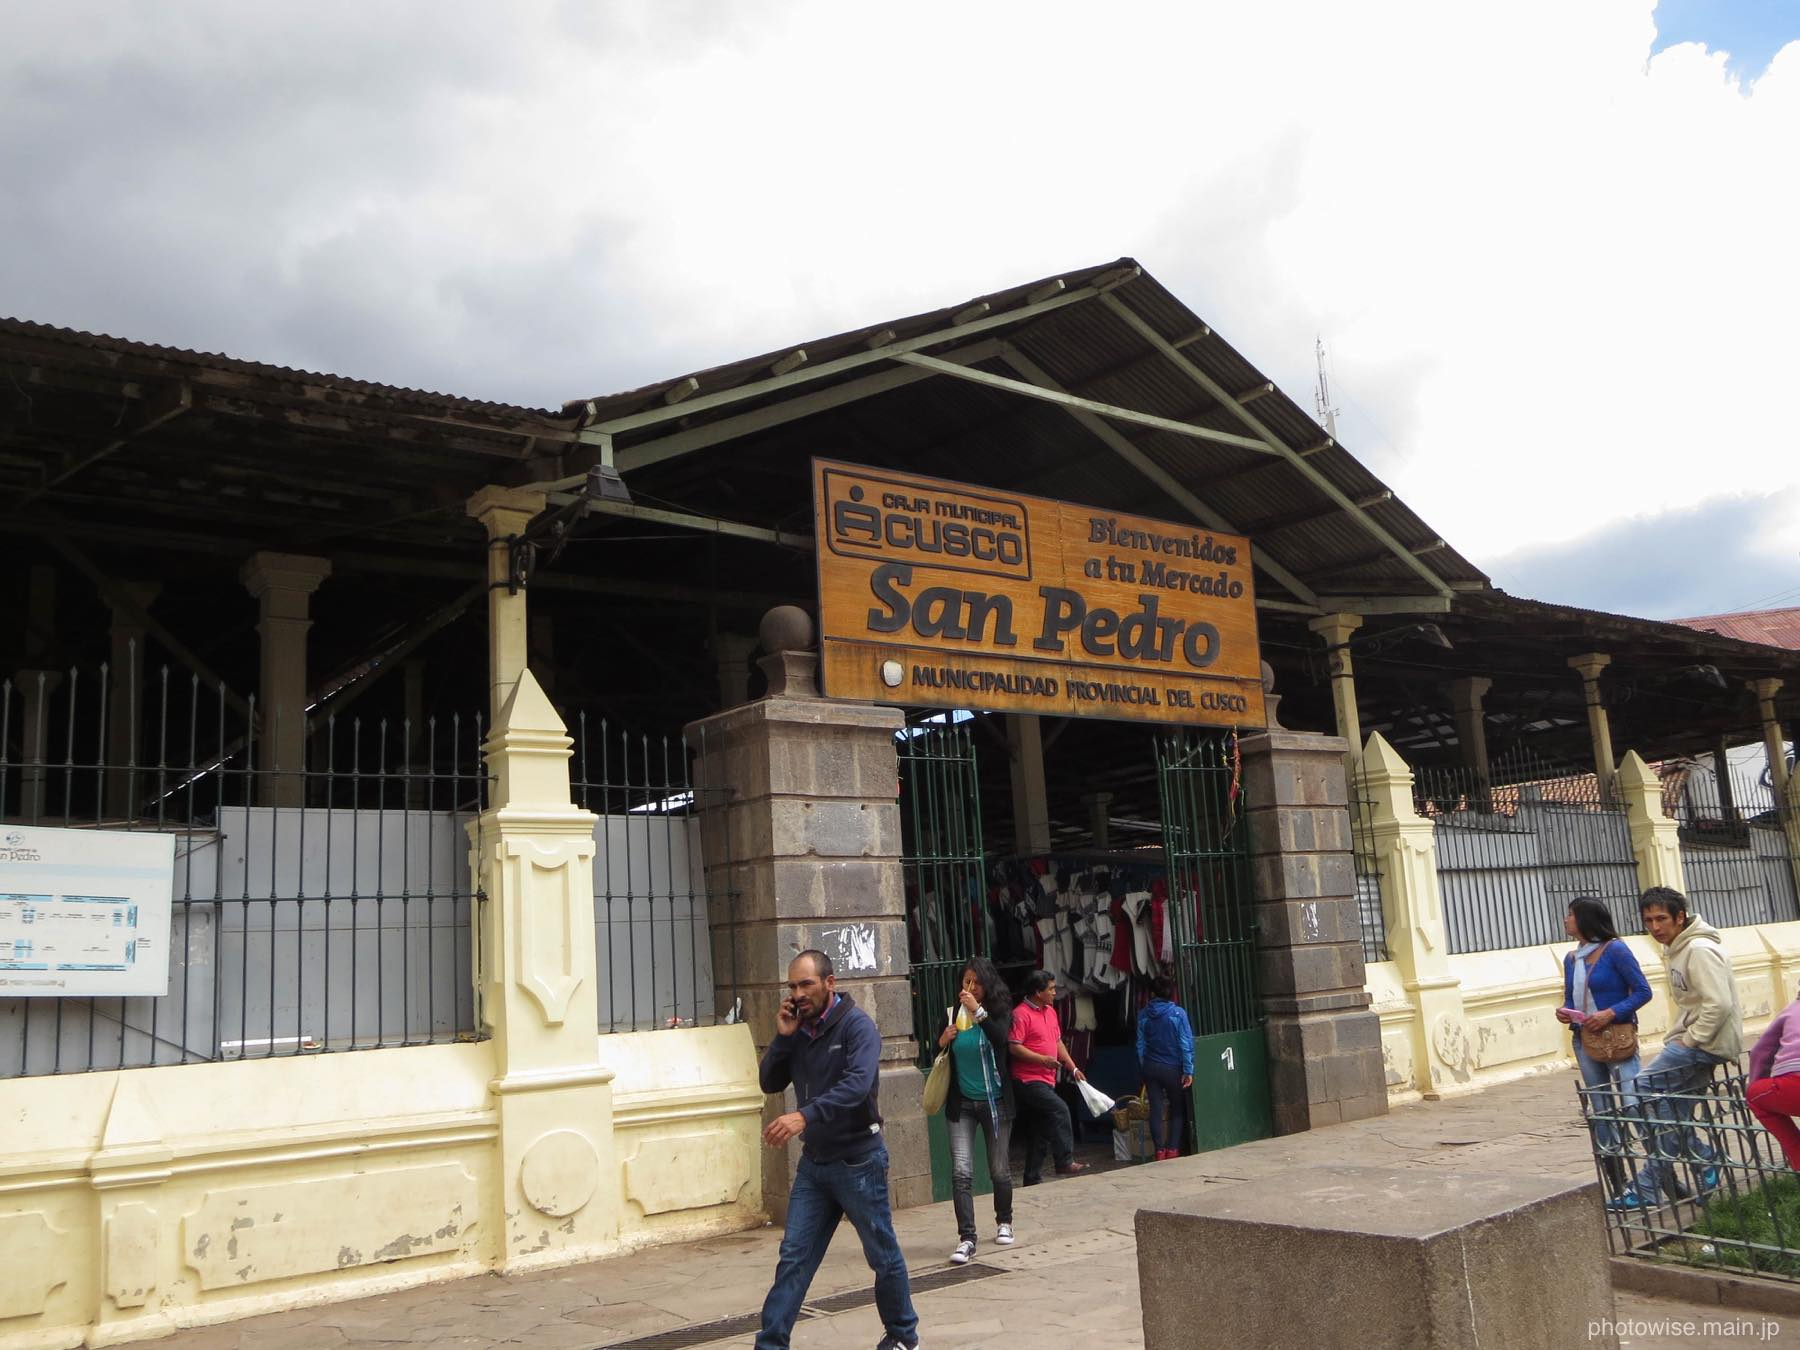 mercado de sanpedo